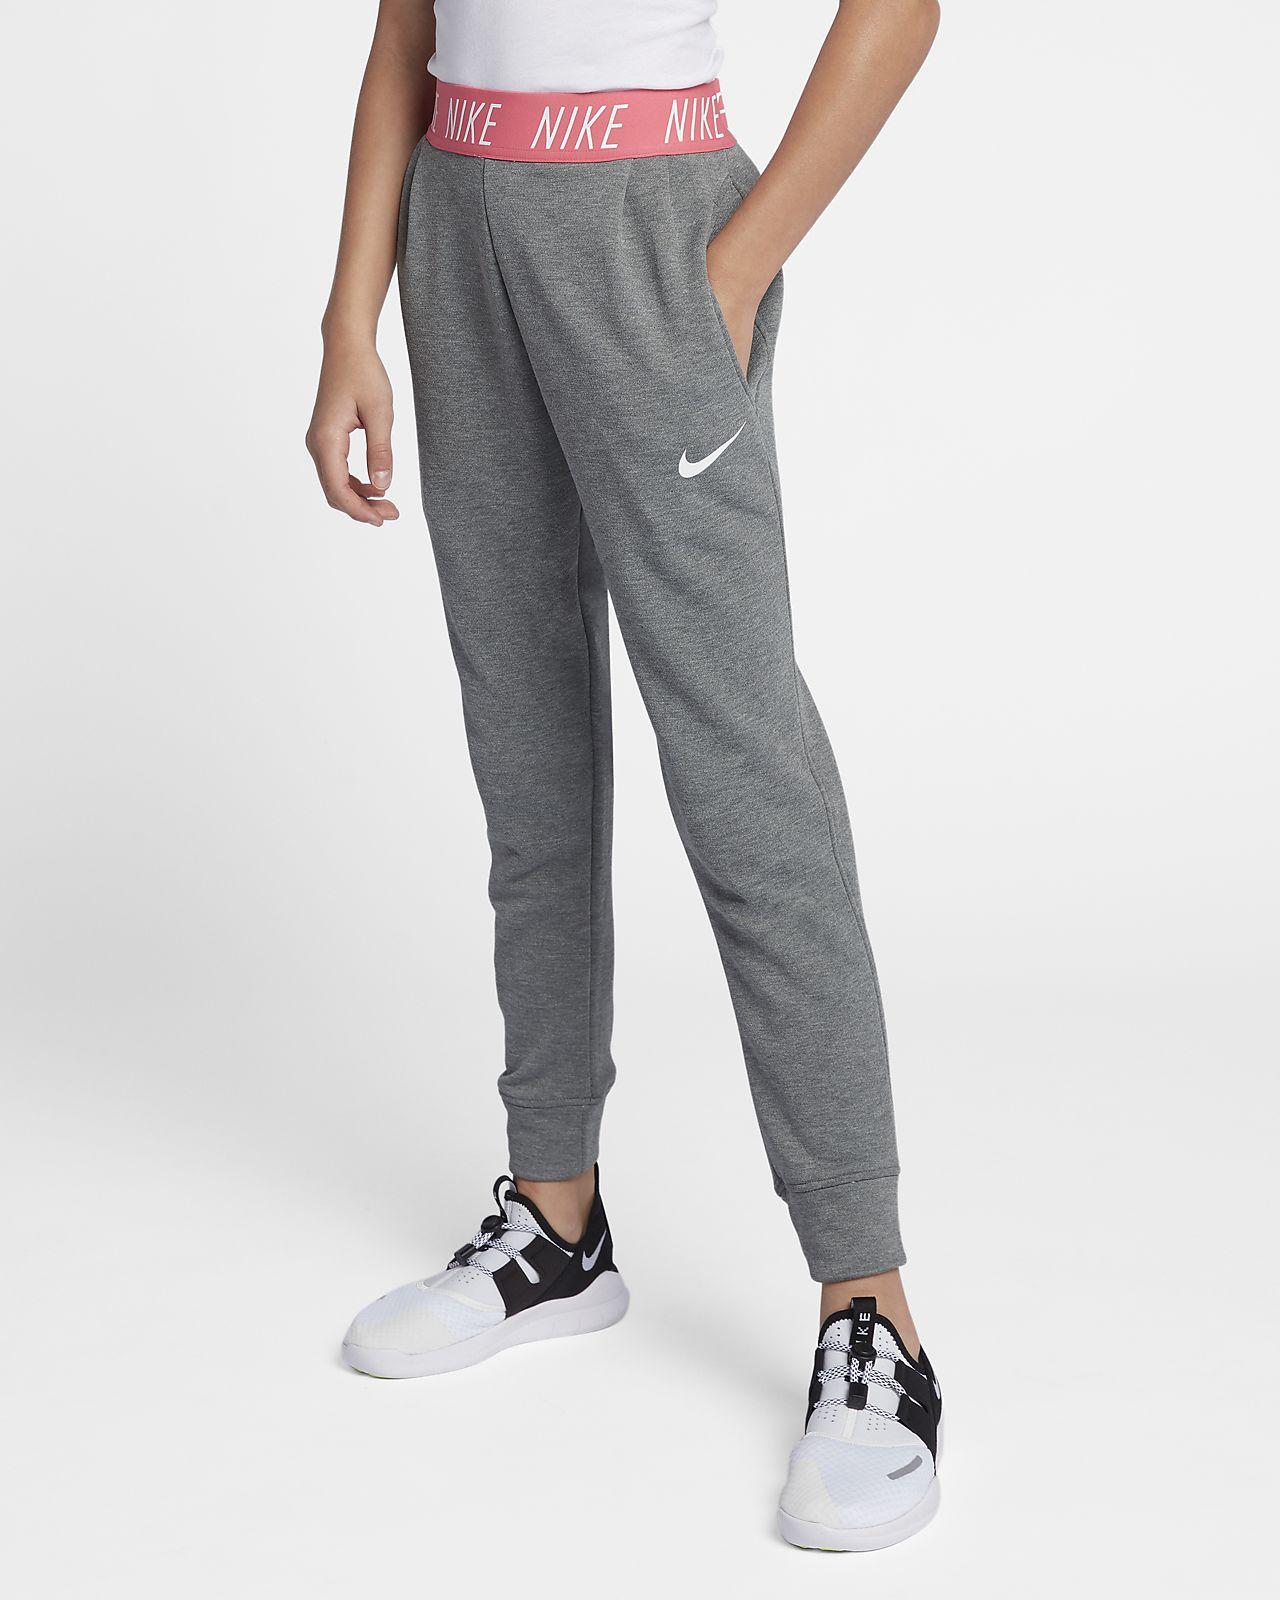 Nike Dri-Fit Aq0356 Pantaloni Donna